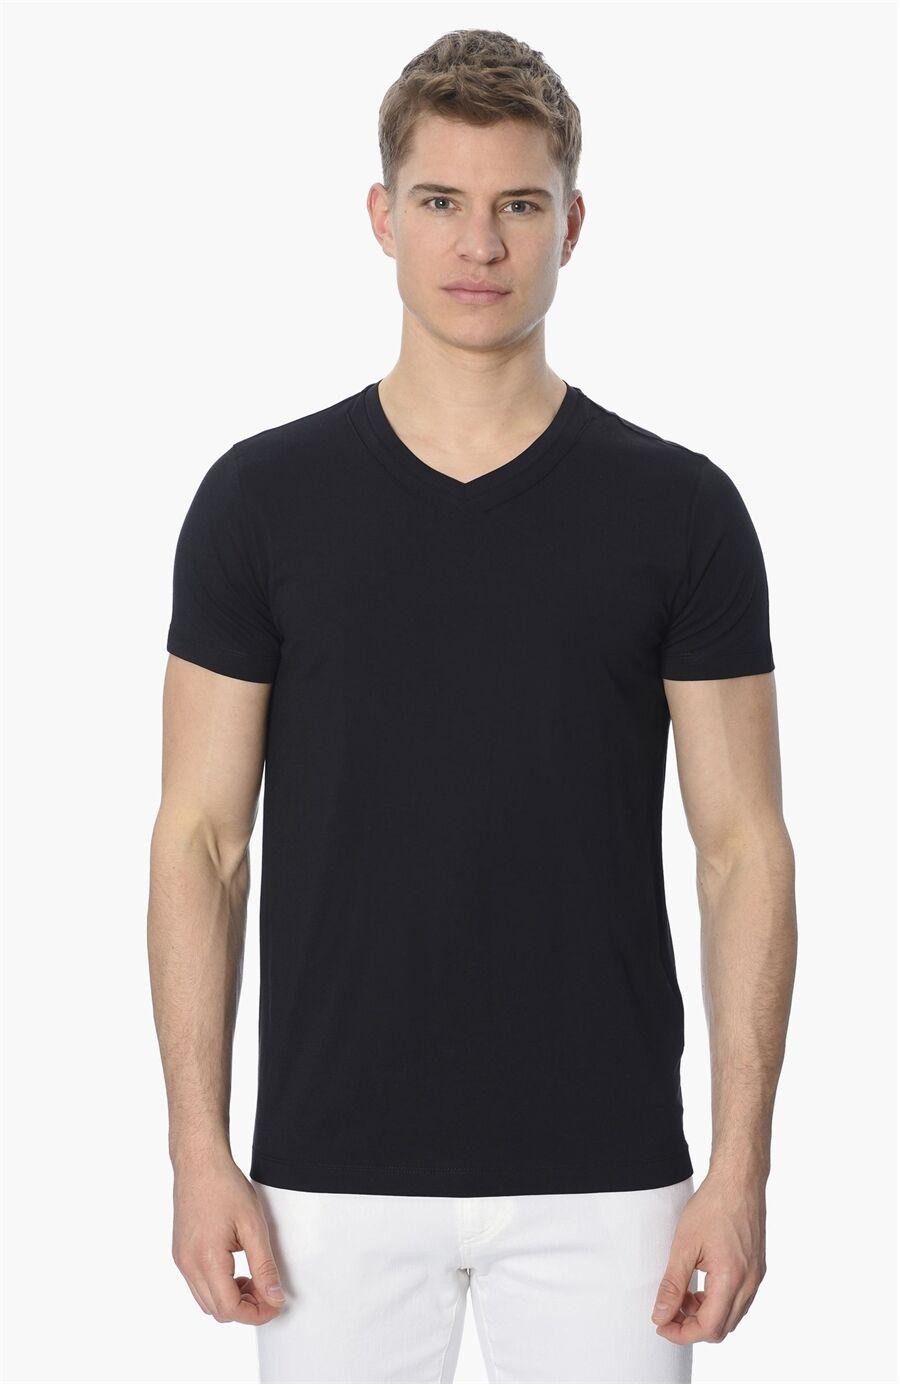 Bisiklet Yaka Slım Fit Siyah Tshirt